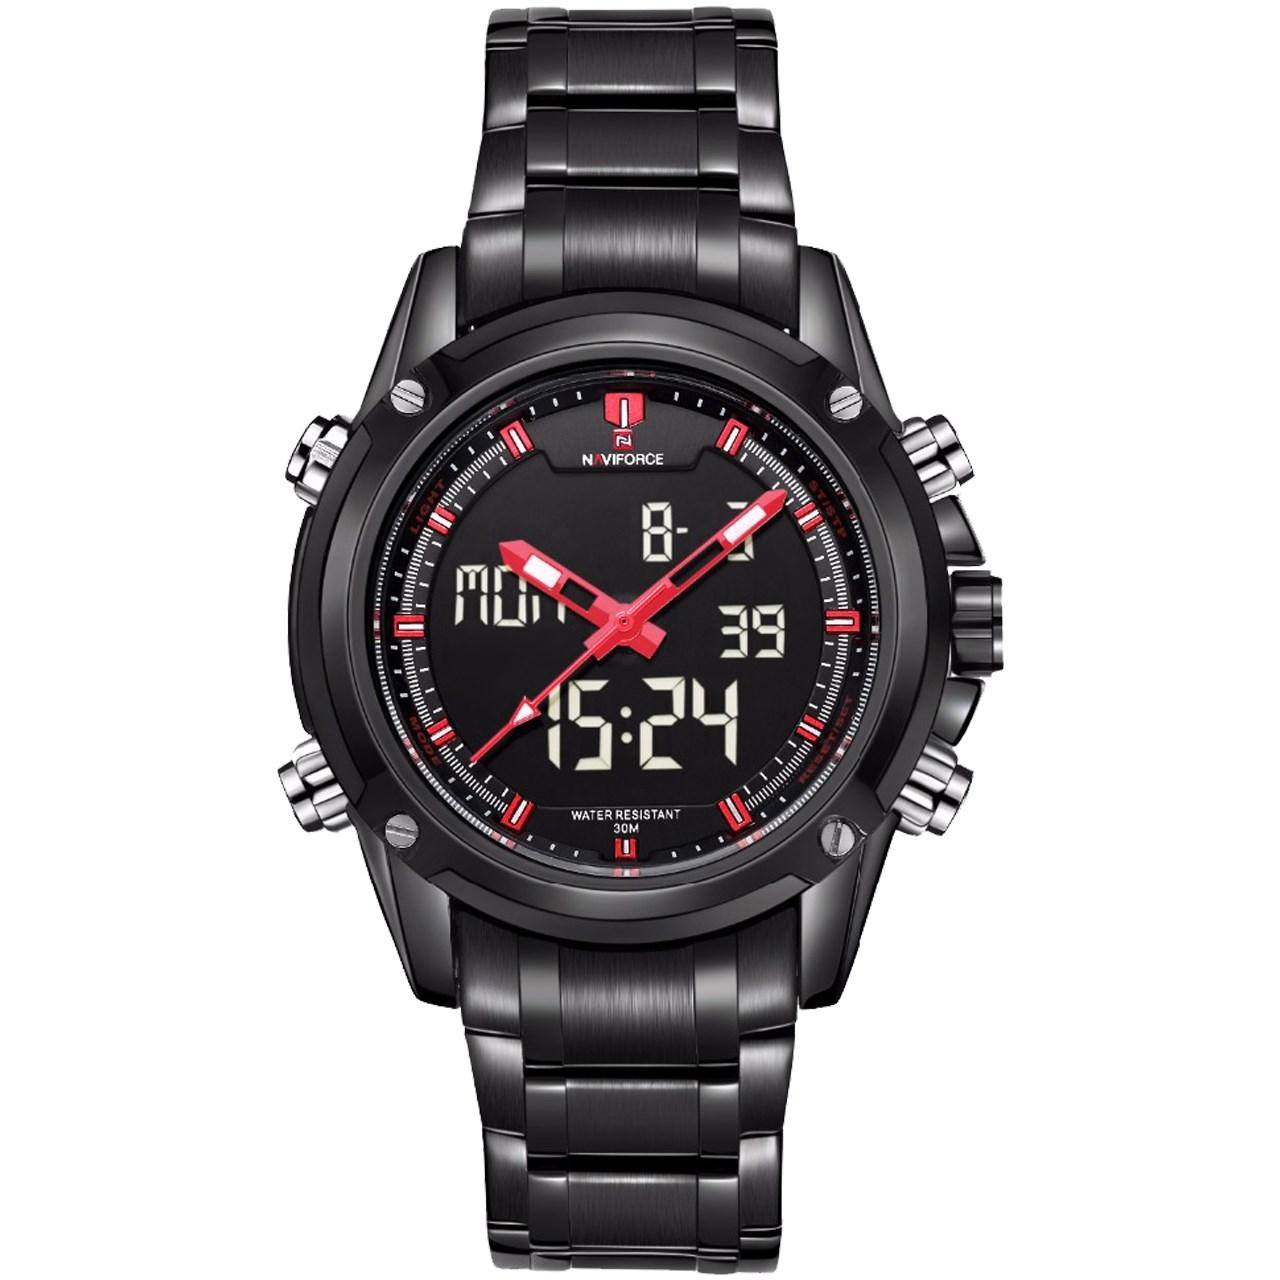 ساعت مچی عقربه ای مردانه نیوی فورس مدل NF9050M/BBR